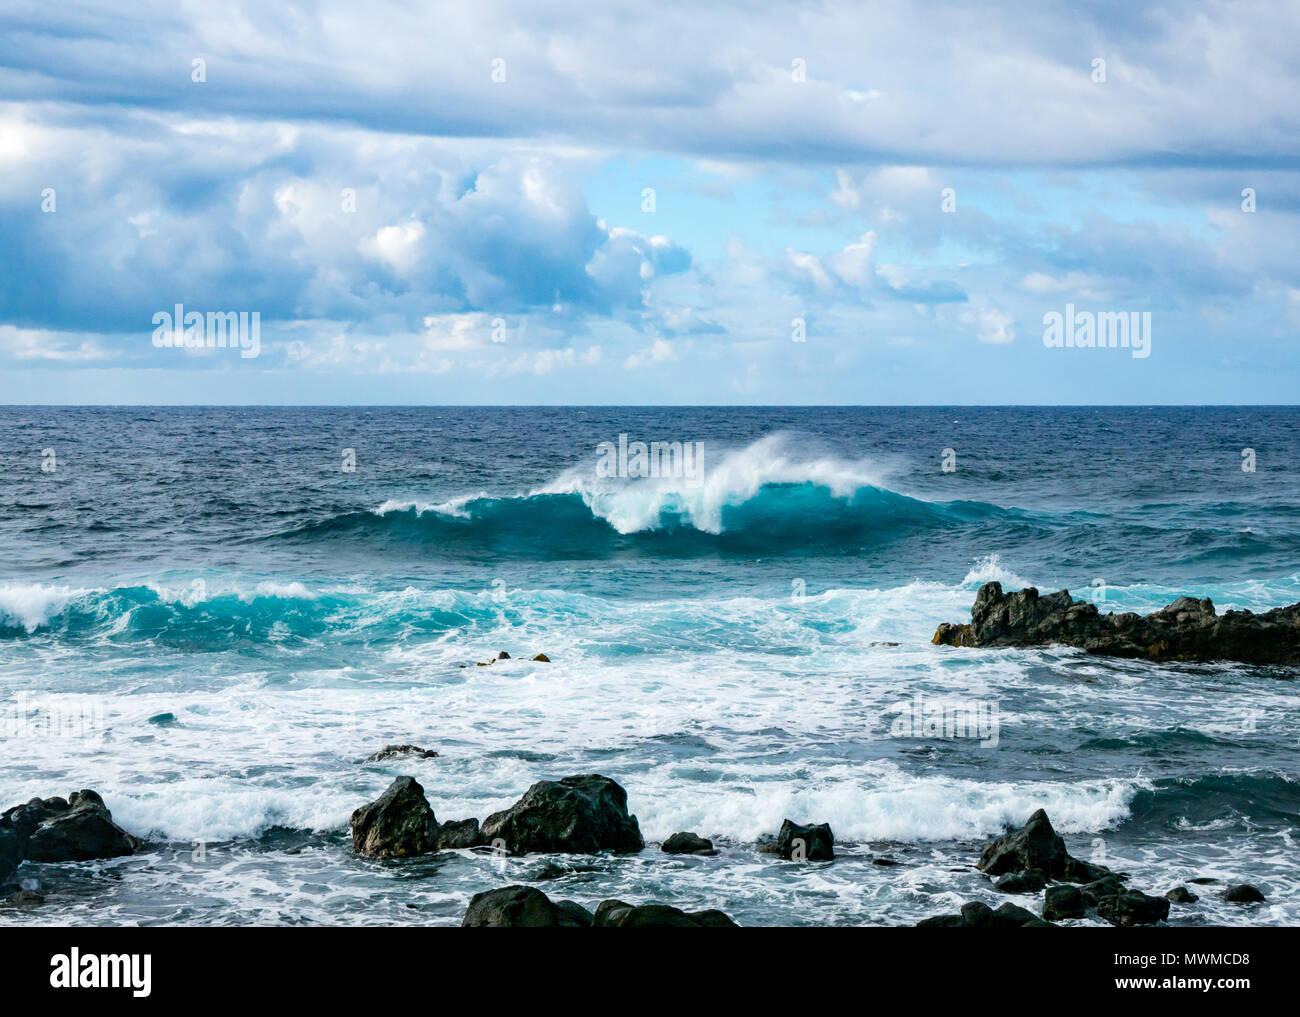 Océan Pacifique vagues se brisant sur la côte rocheuse, côte sud de l'île de Pâques, Rapa Nui, Chili Banque D'Images